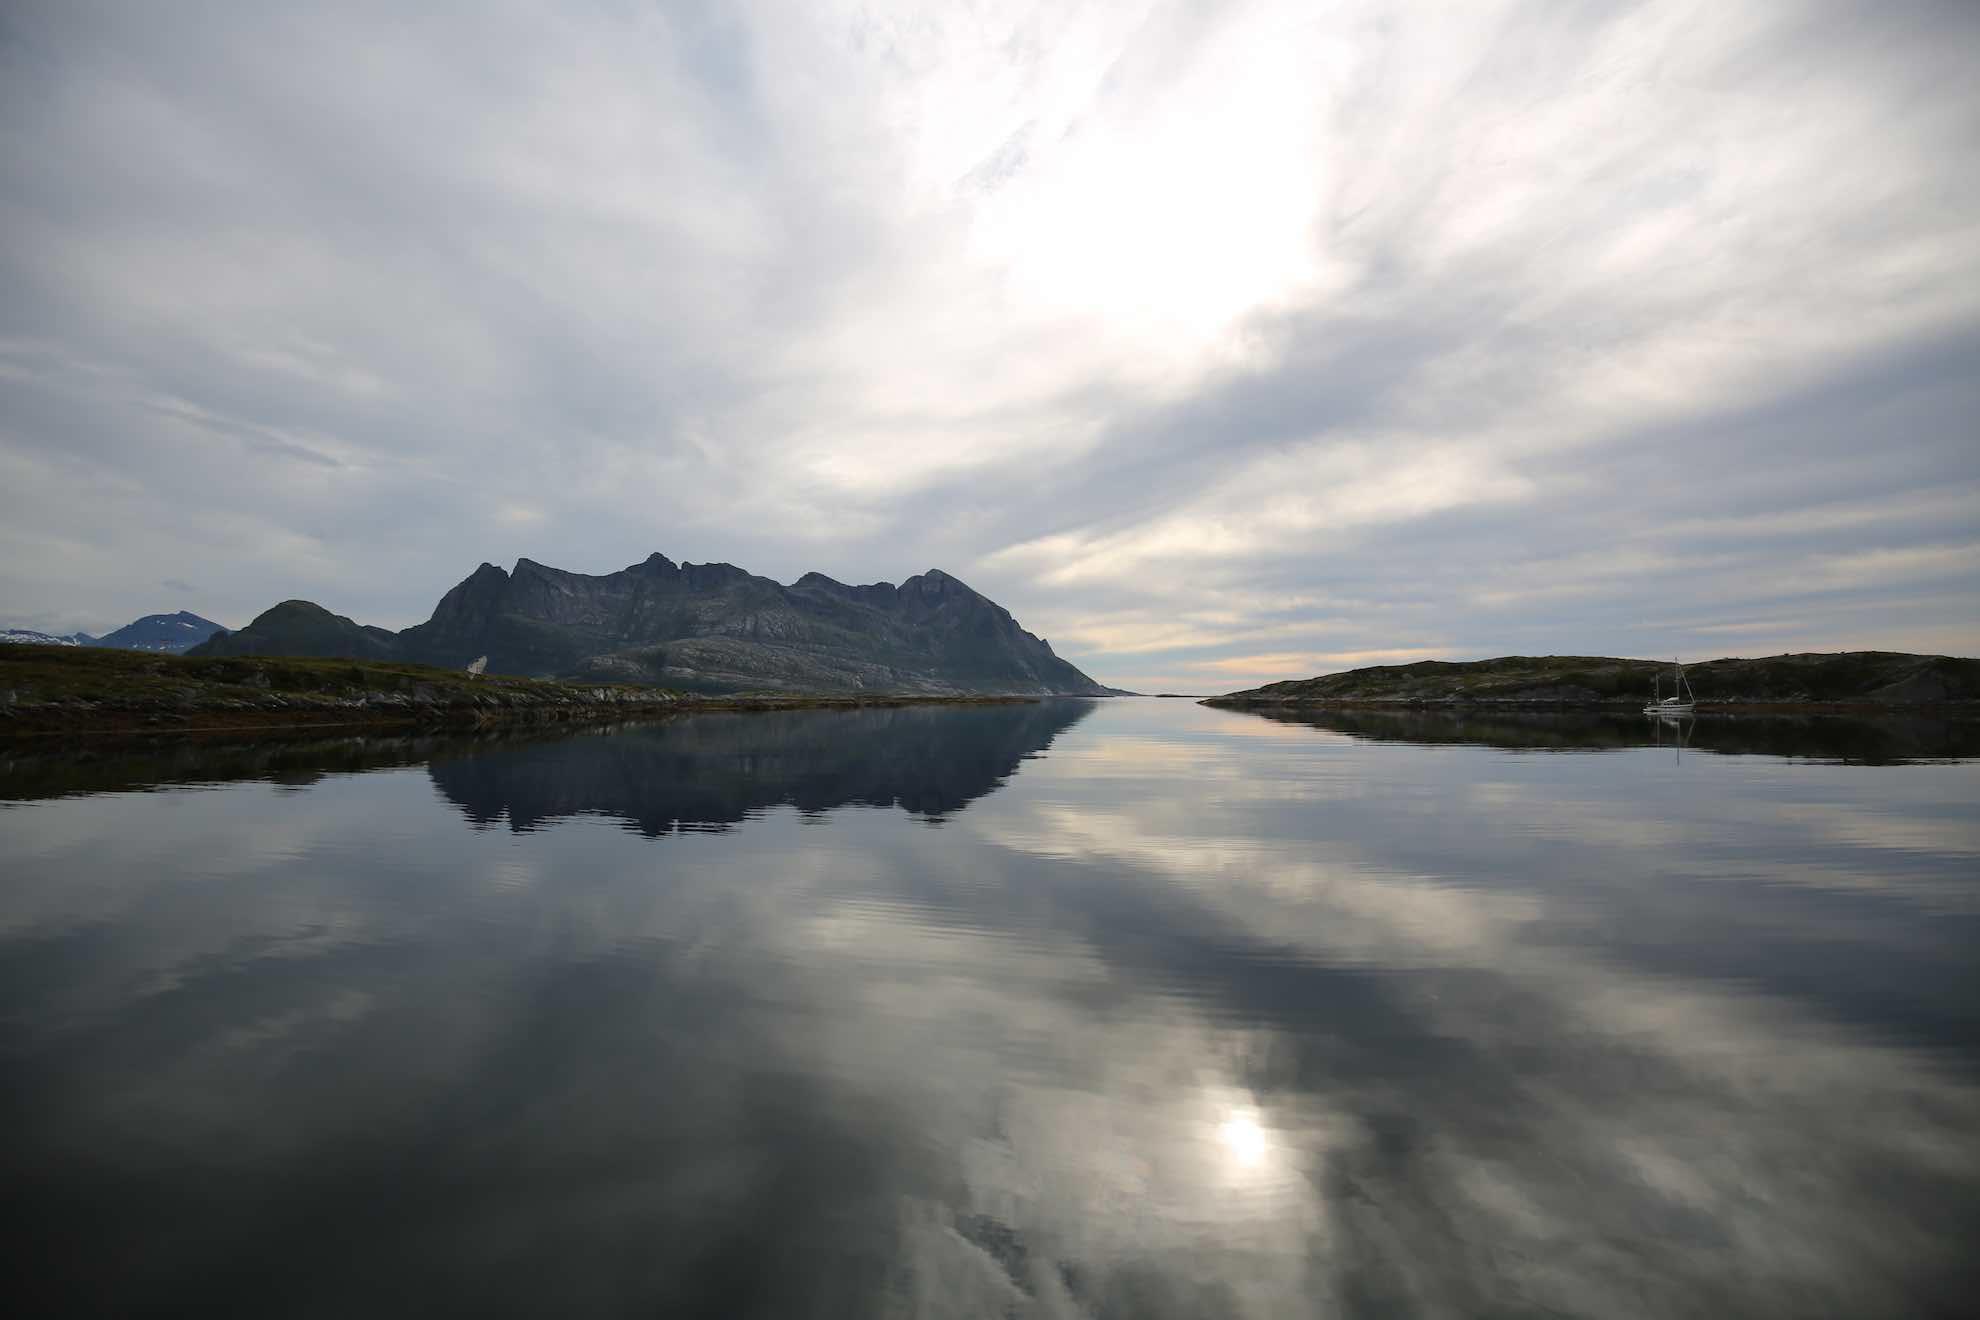 Wir sind unterwegs in der norwegischen Provinz Nordland, zu der die Lofoten und ein Teil der Inselgruppe Vesterålen gehören.